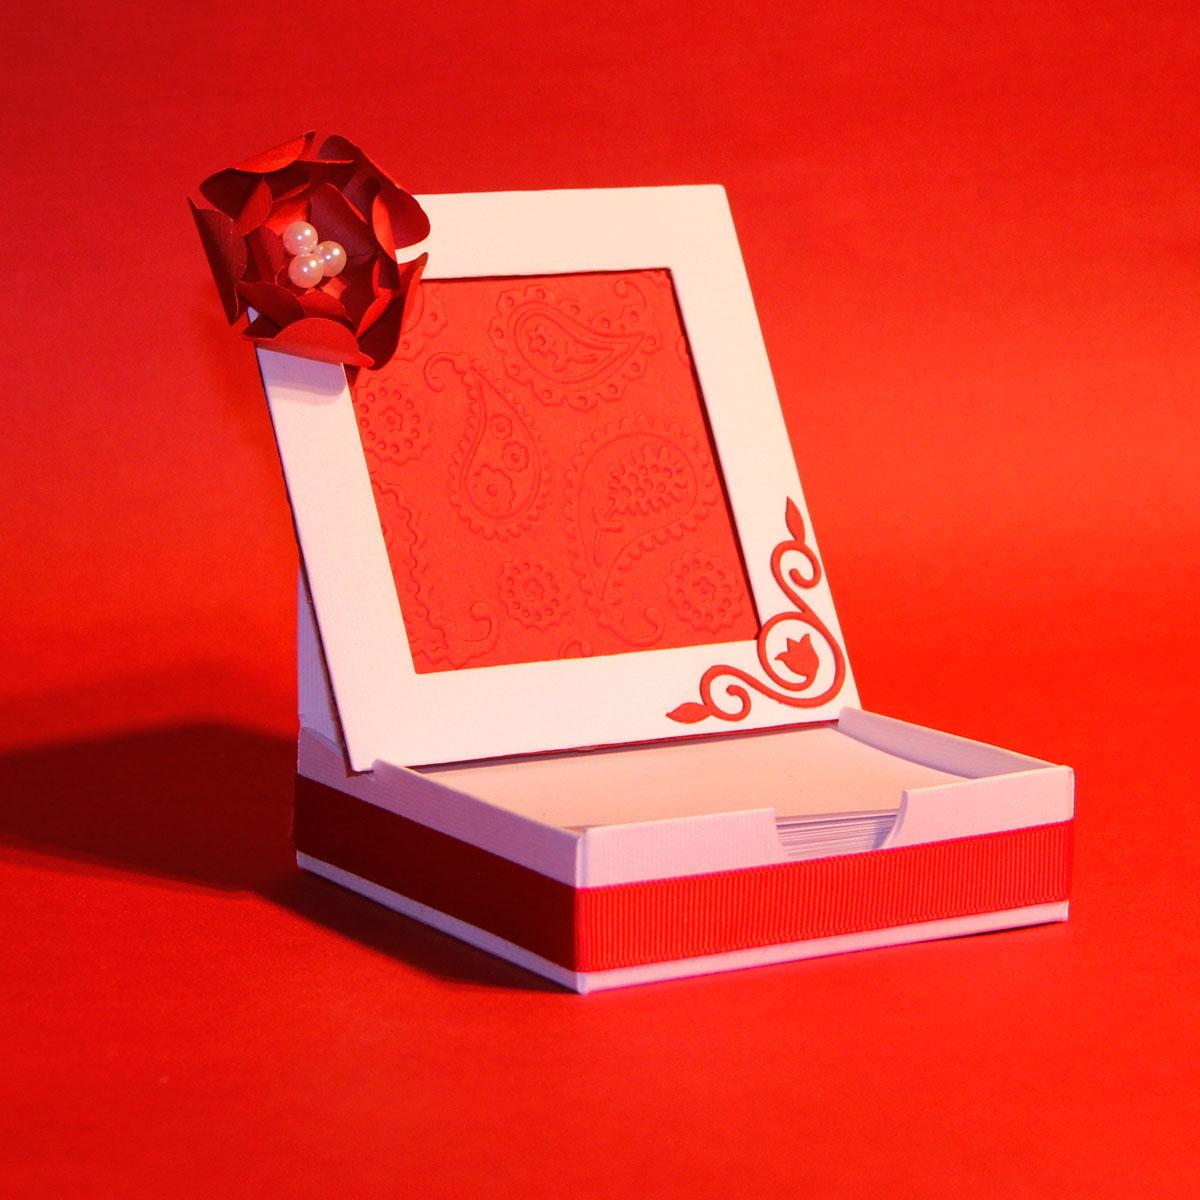 Блок для записей с цветком, 10,5х10,5х3 см. Автор Татьяна Саранчукова.BLOCK-005BLOCK-005блок для записей ручной работы с красным объемным цветком. Язык: русский, английский.